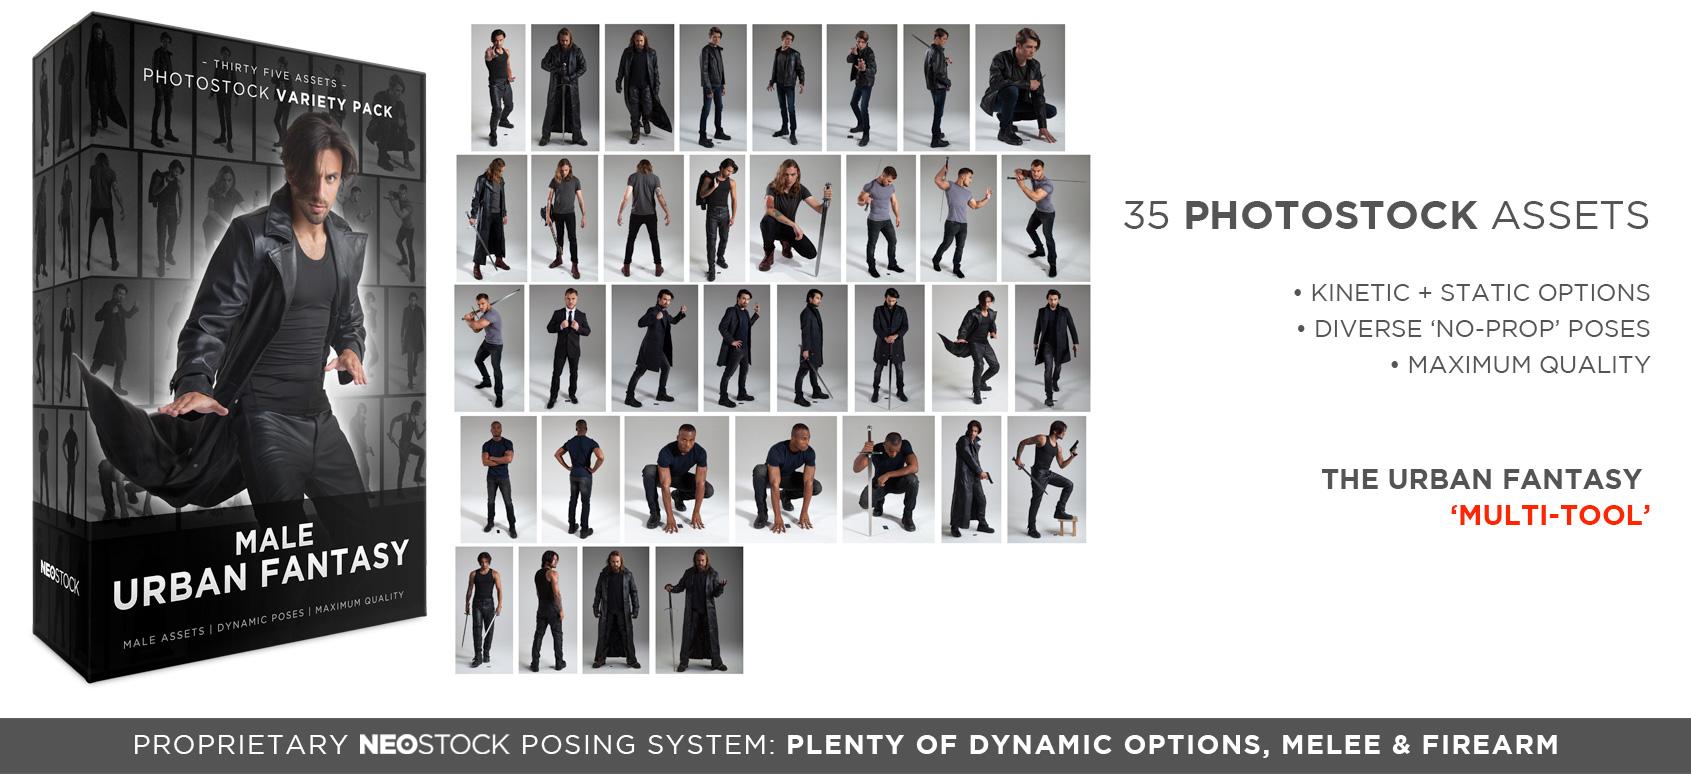 uf m sales splash photostock variety pack I